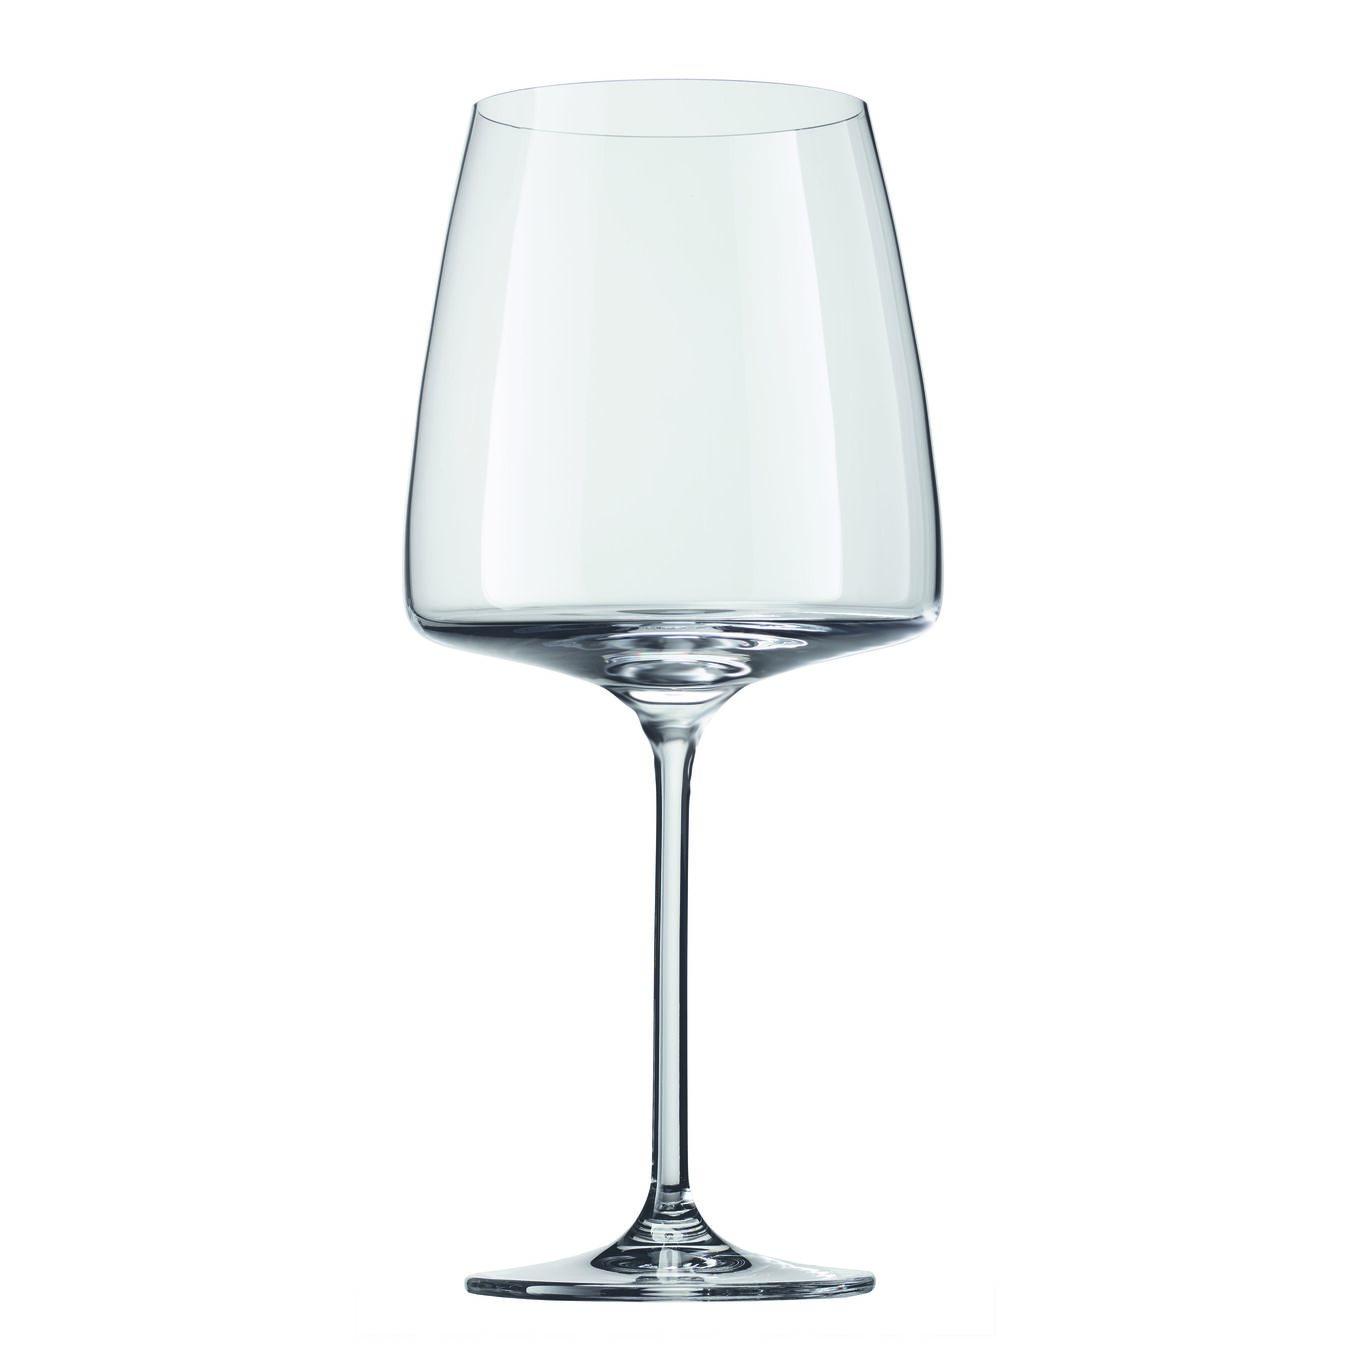 Kırmızı Şarap Kadehi, 700 ml,,large 1